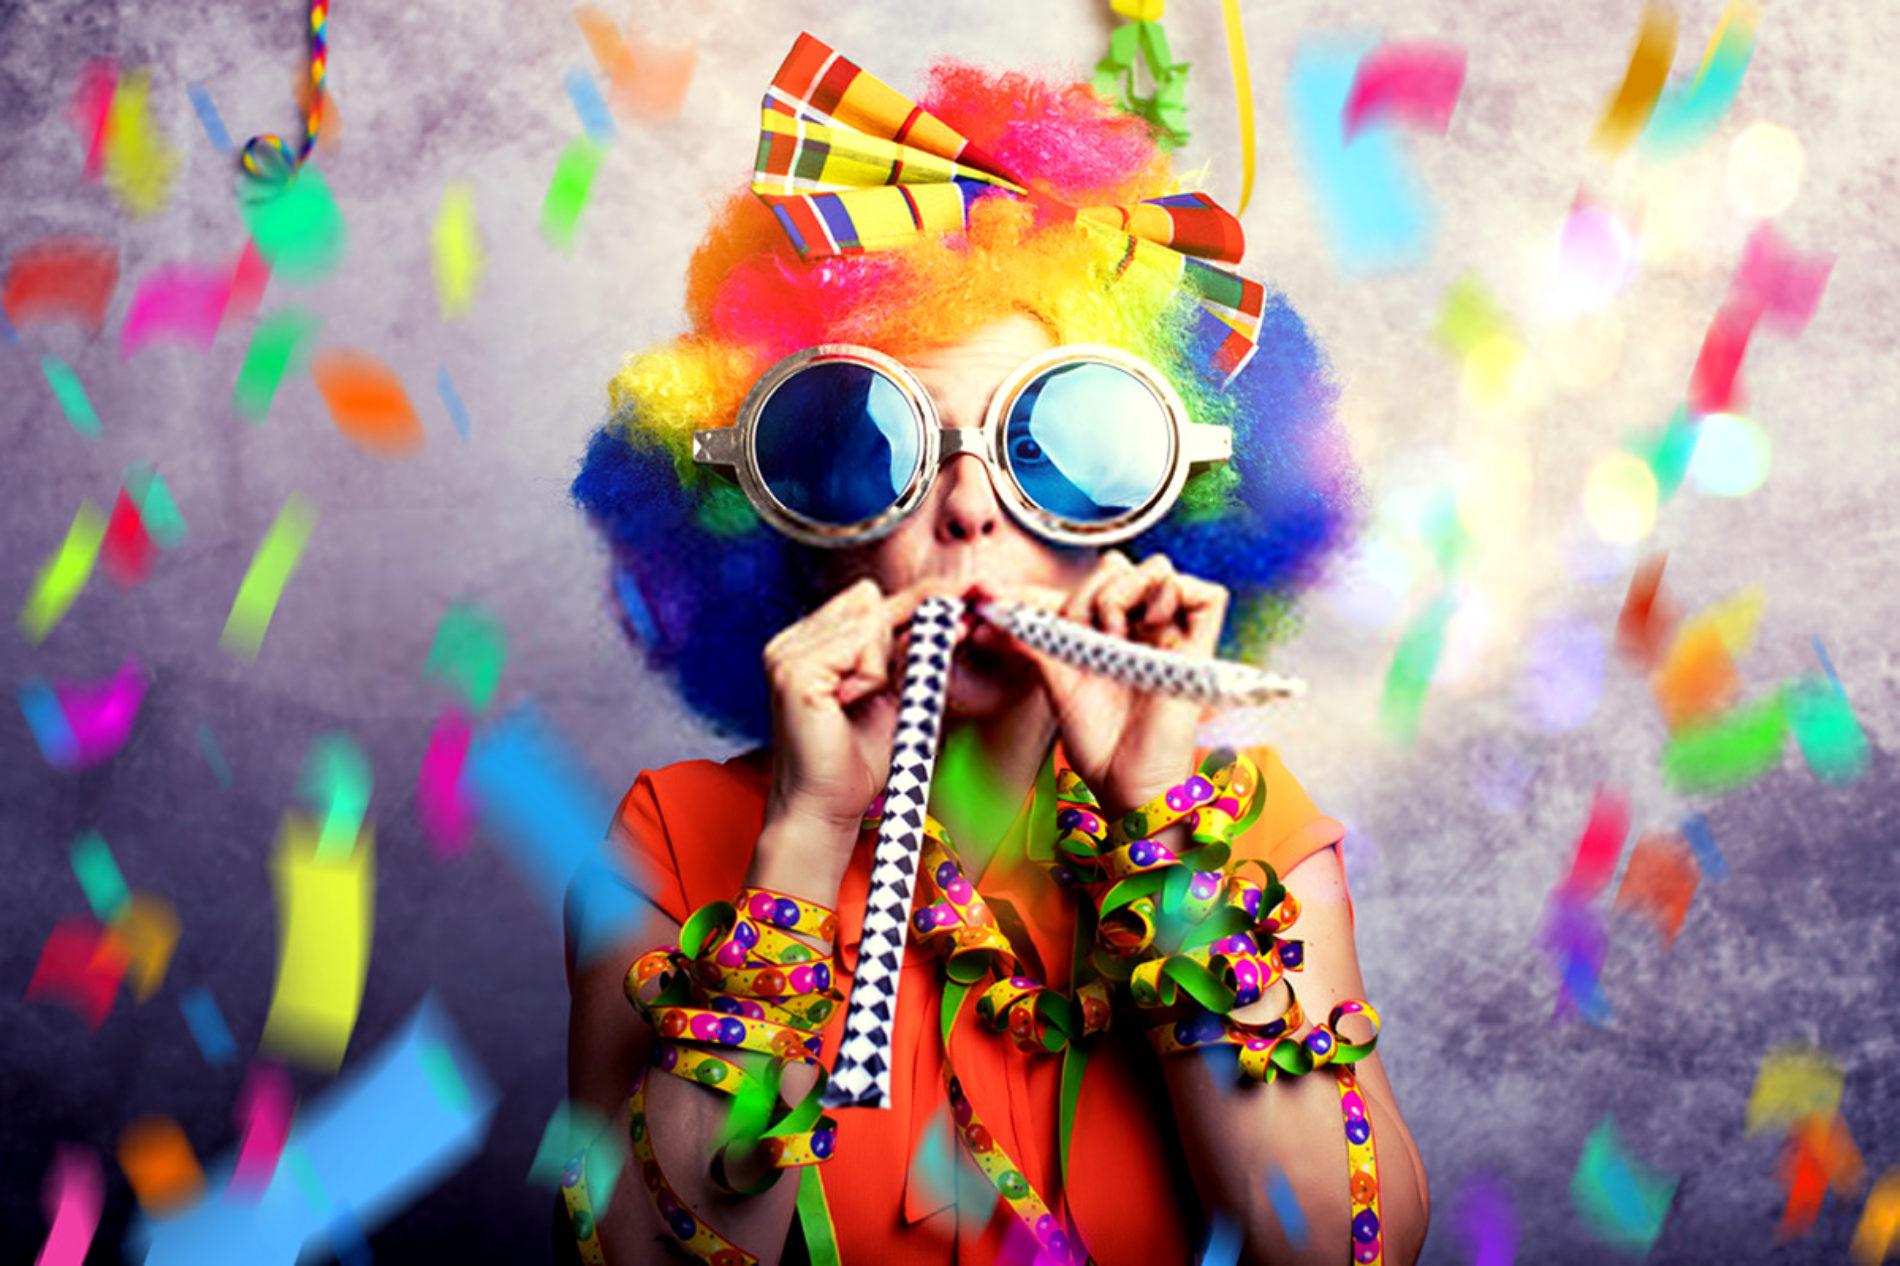 Voos de carnaval 2021 em promoção! Viagens CVC, Hurb e Decolar